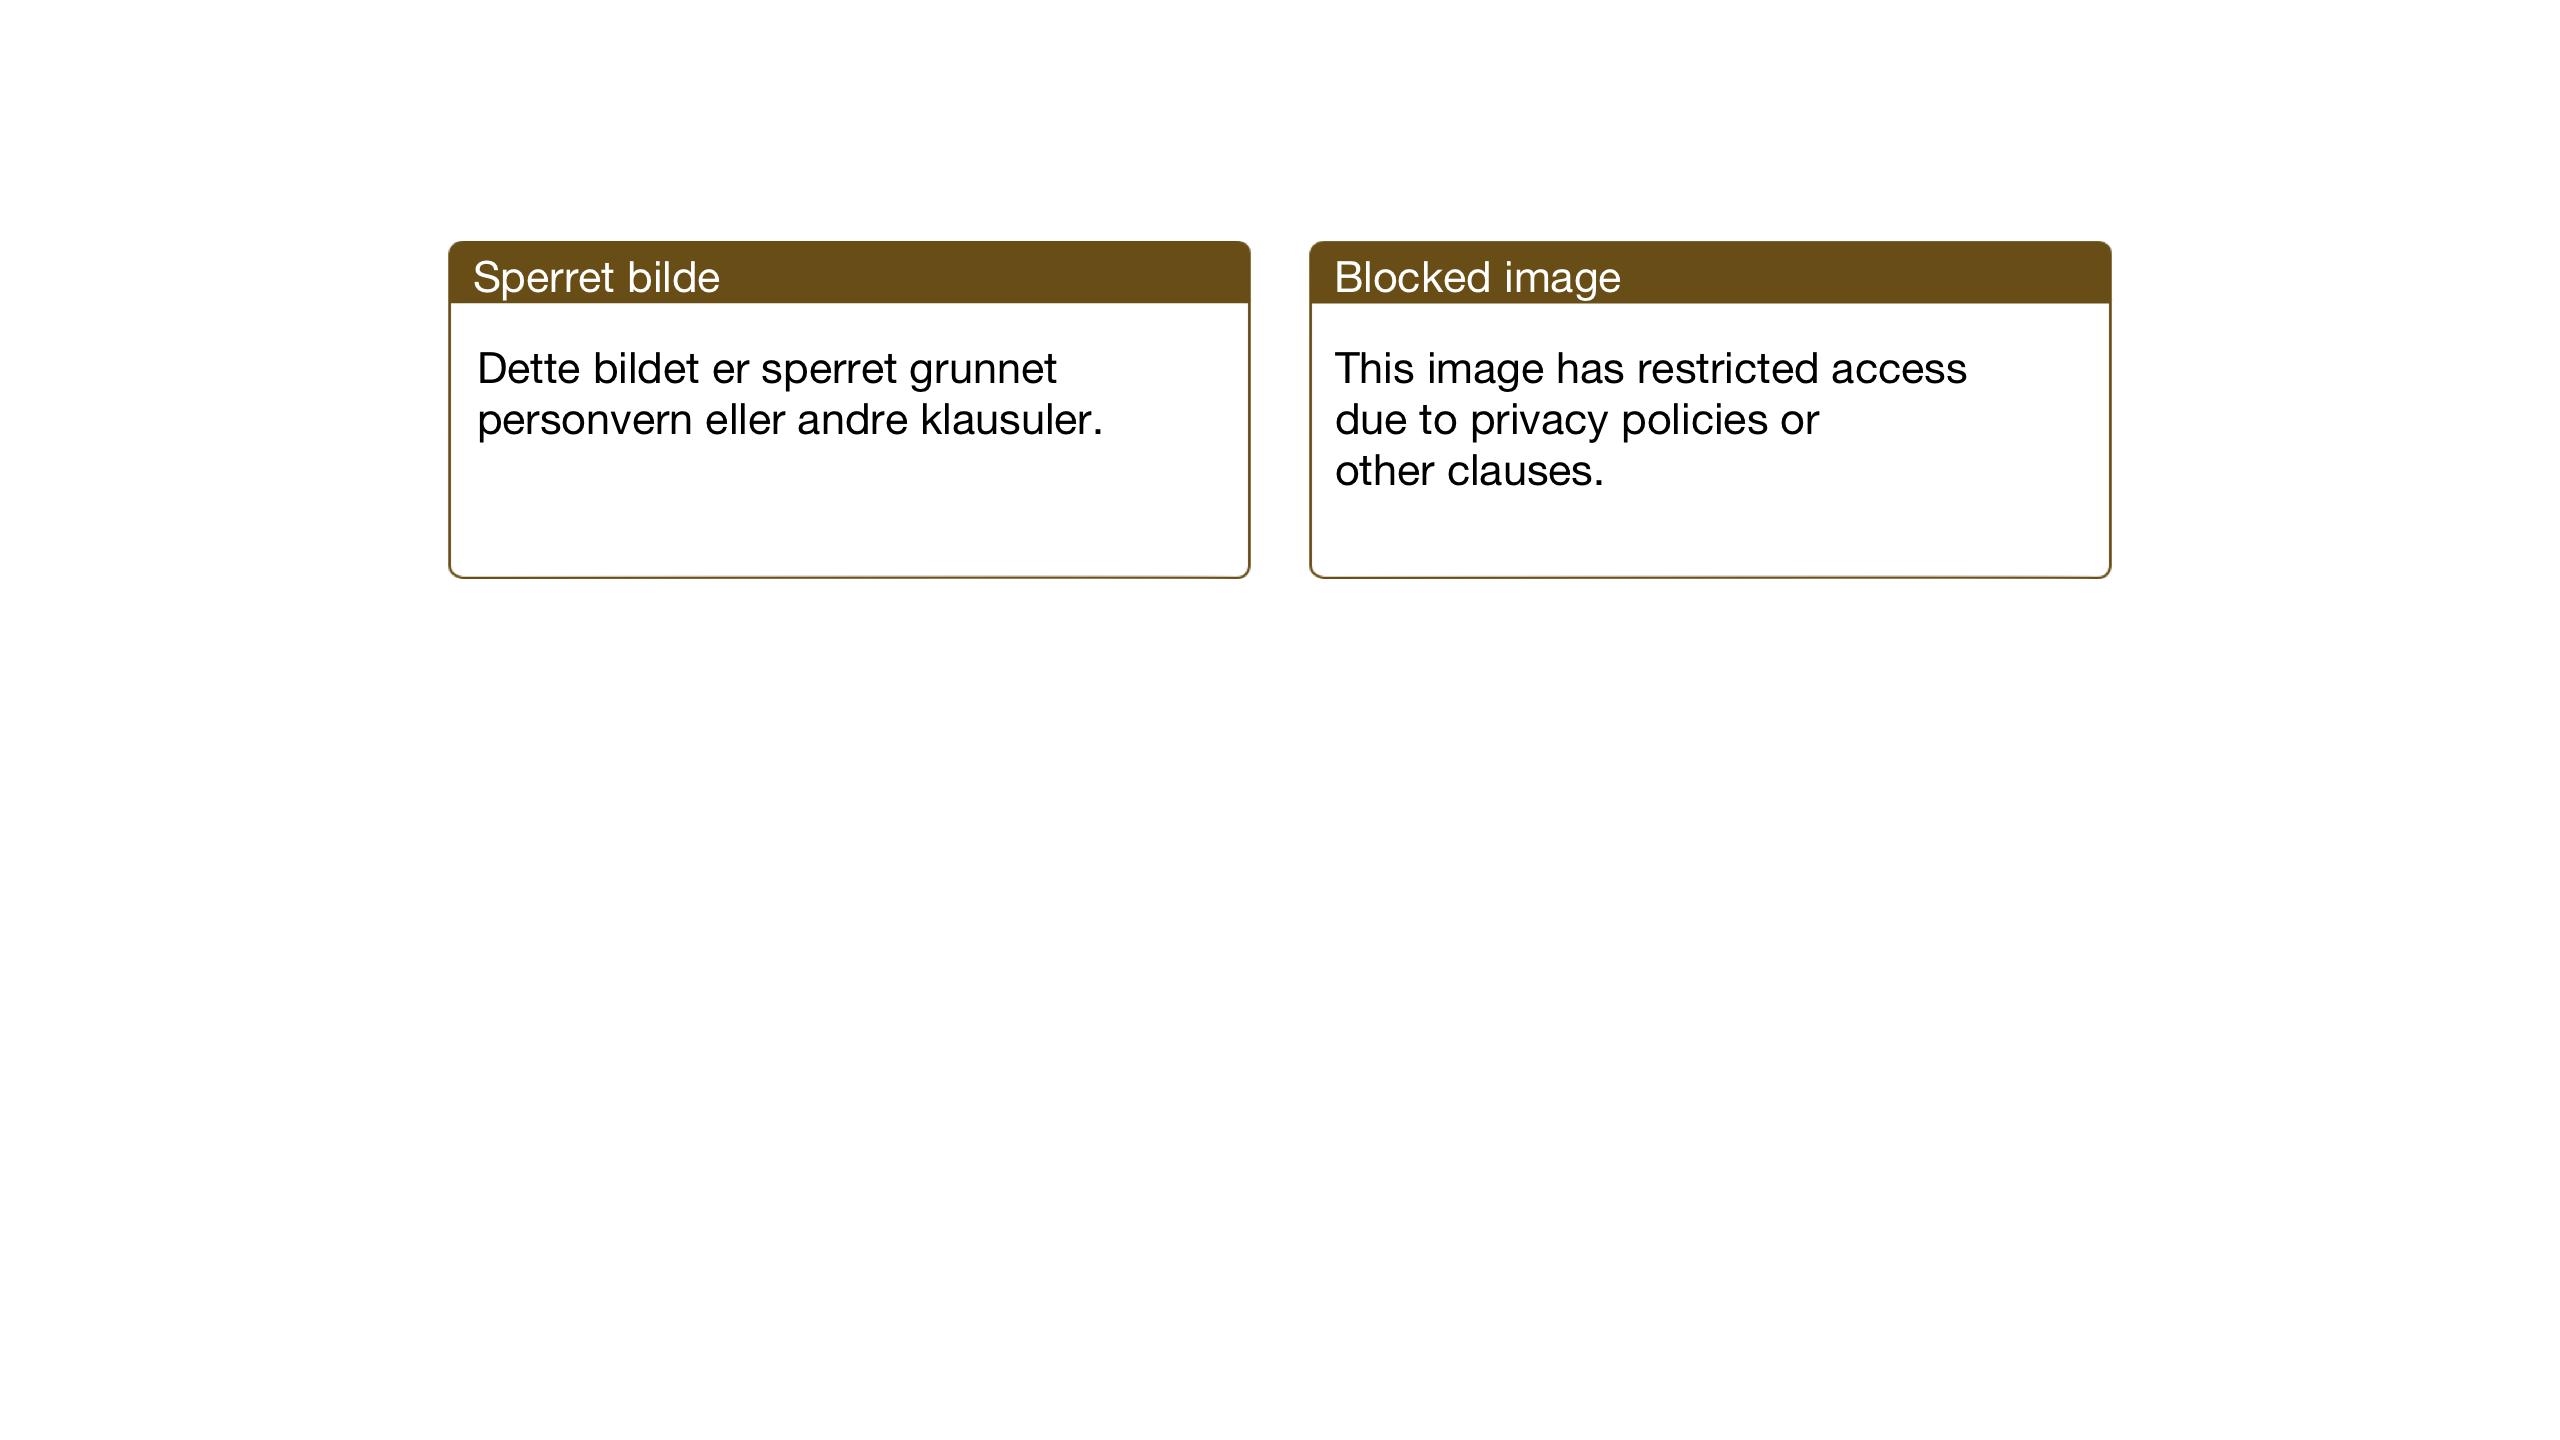 SAT, Ministerialprotokoller, klokkerbøker og fødselsregistre - Nord-Trøndelag, 733/L0328: Klokkerbok nr. 733C03, 1919-1966, s. 43